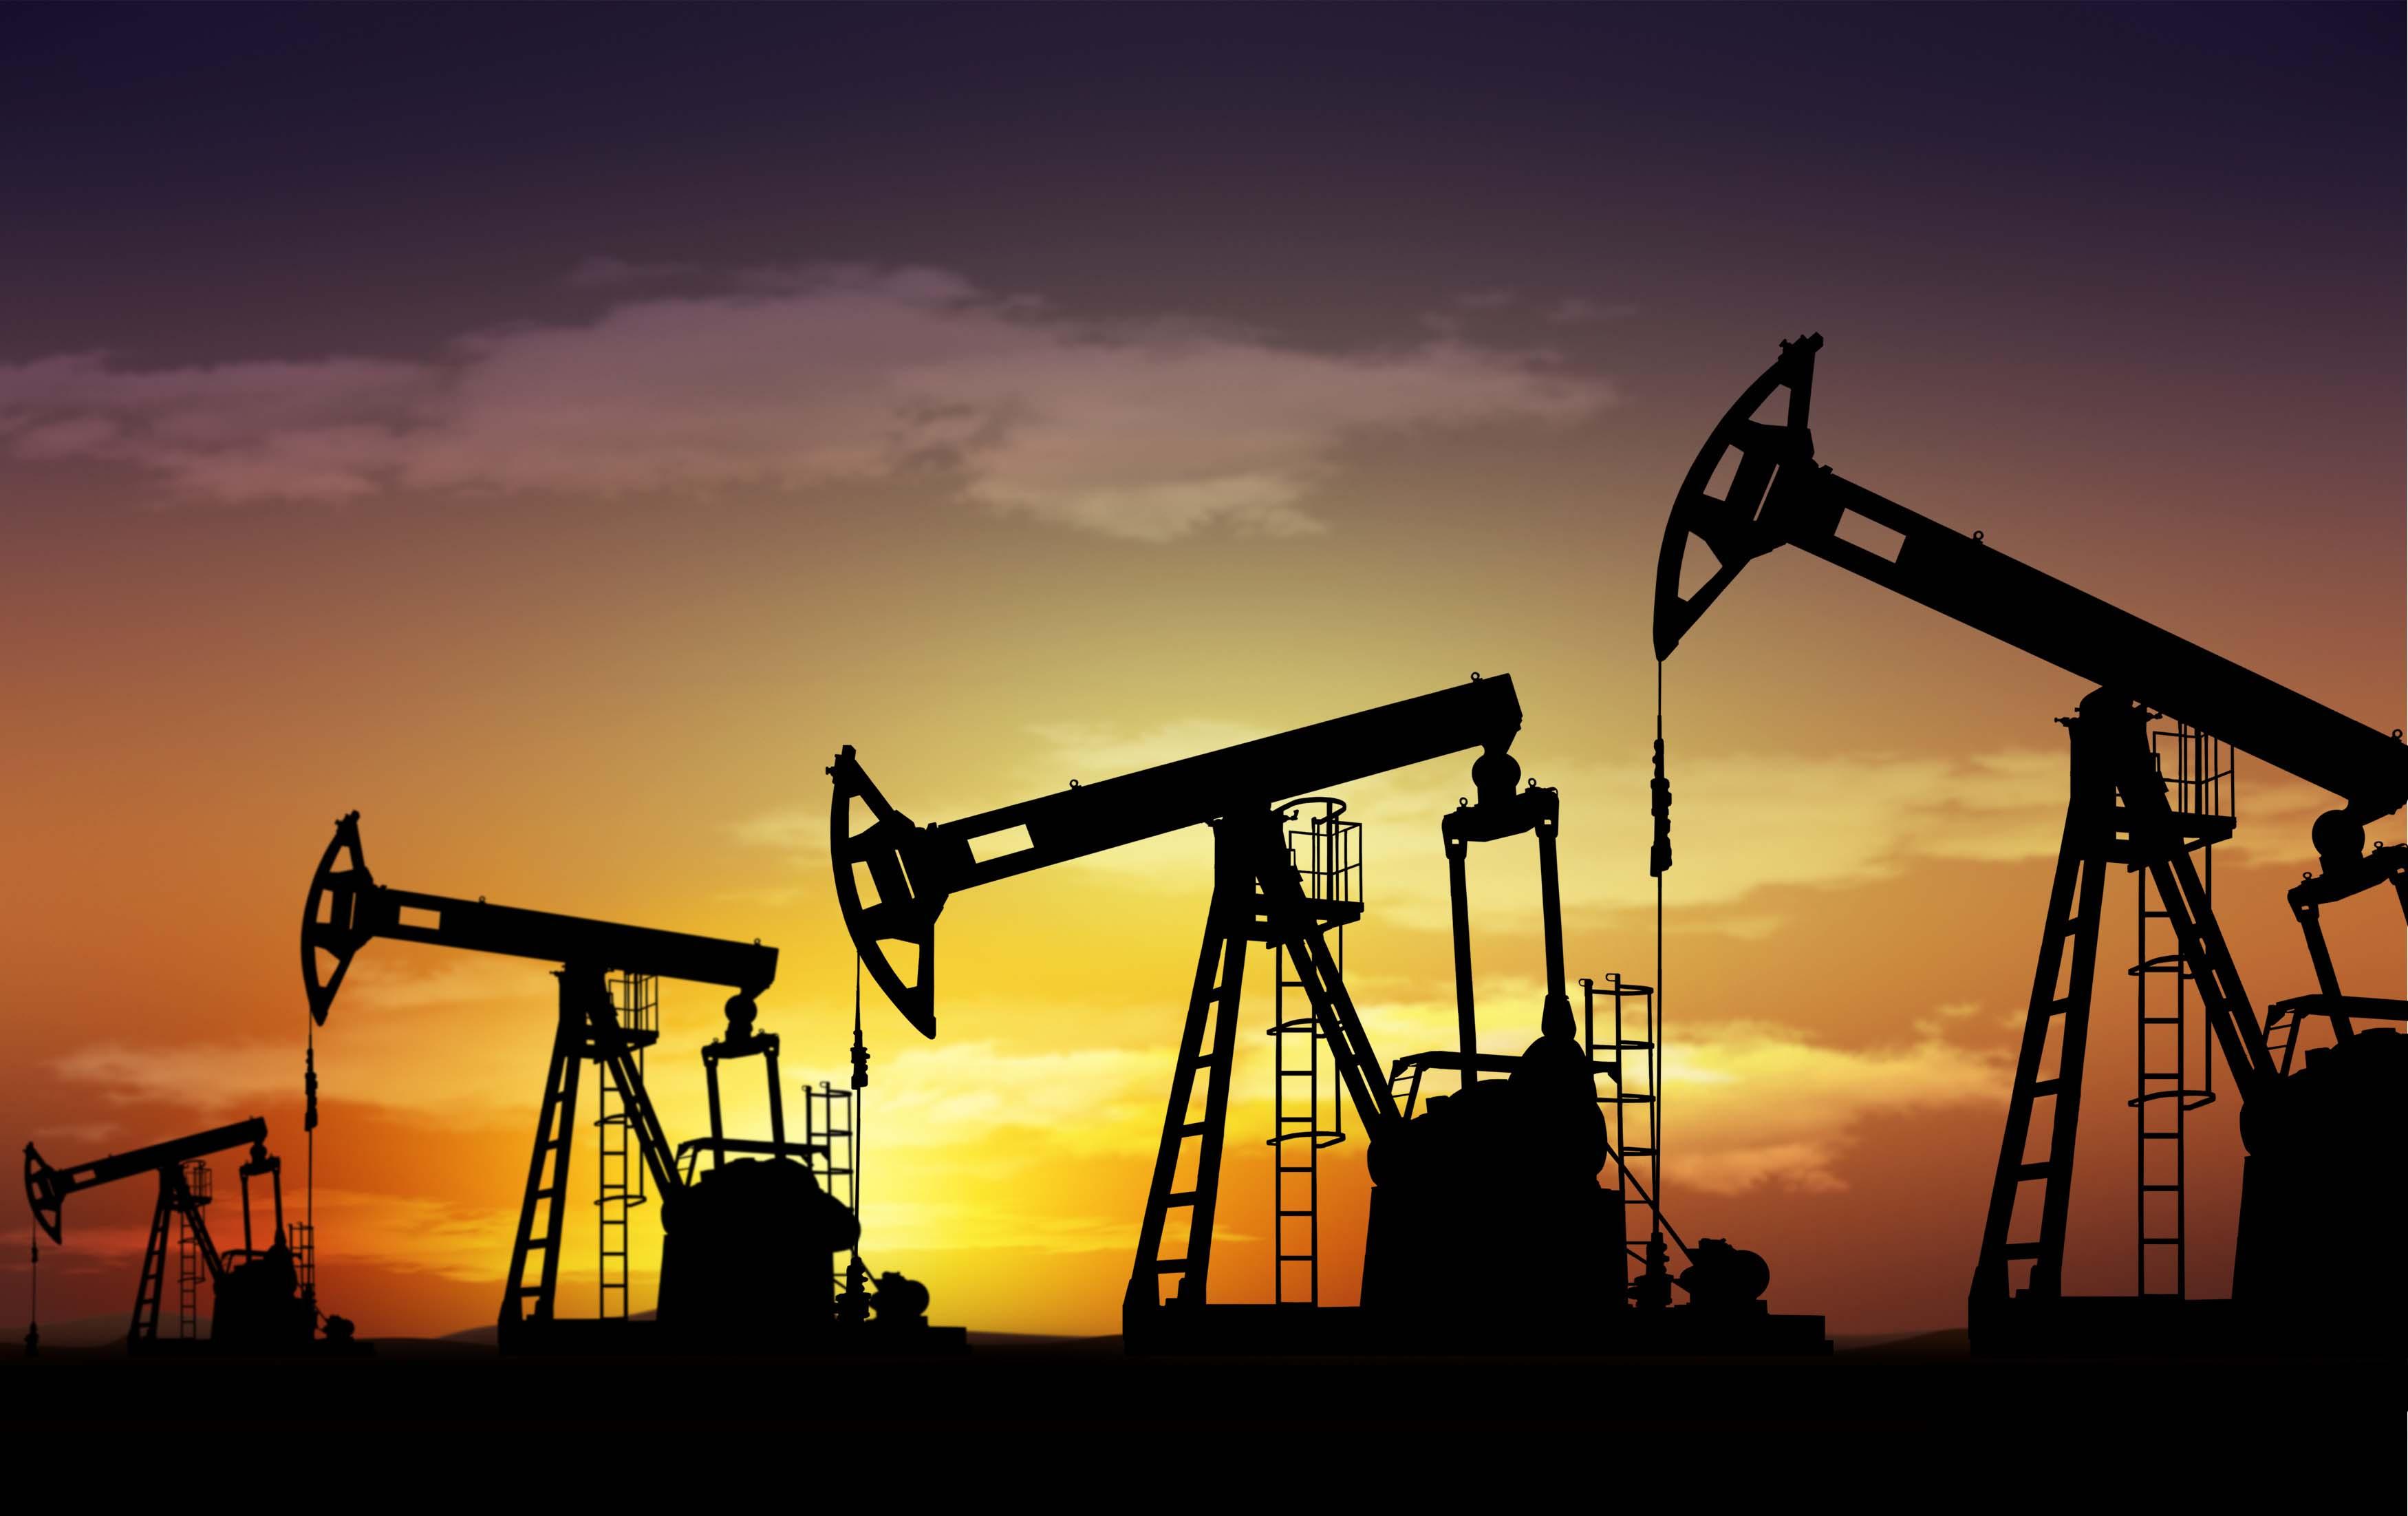 neft lolo 1 - 250 миллионов тонн нефти в год и ни тонной меньше – Сечин поставил Югре задачи по объёмам добычи